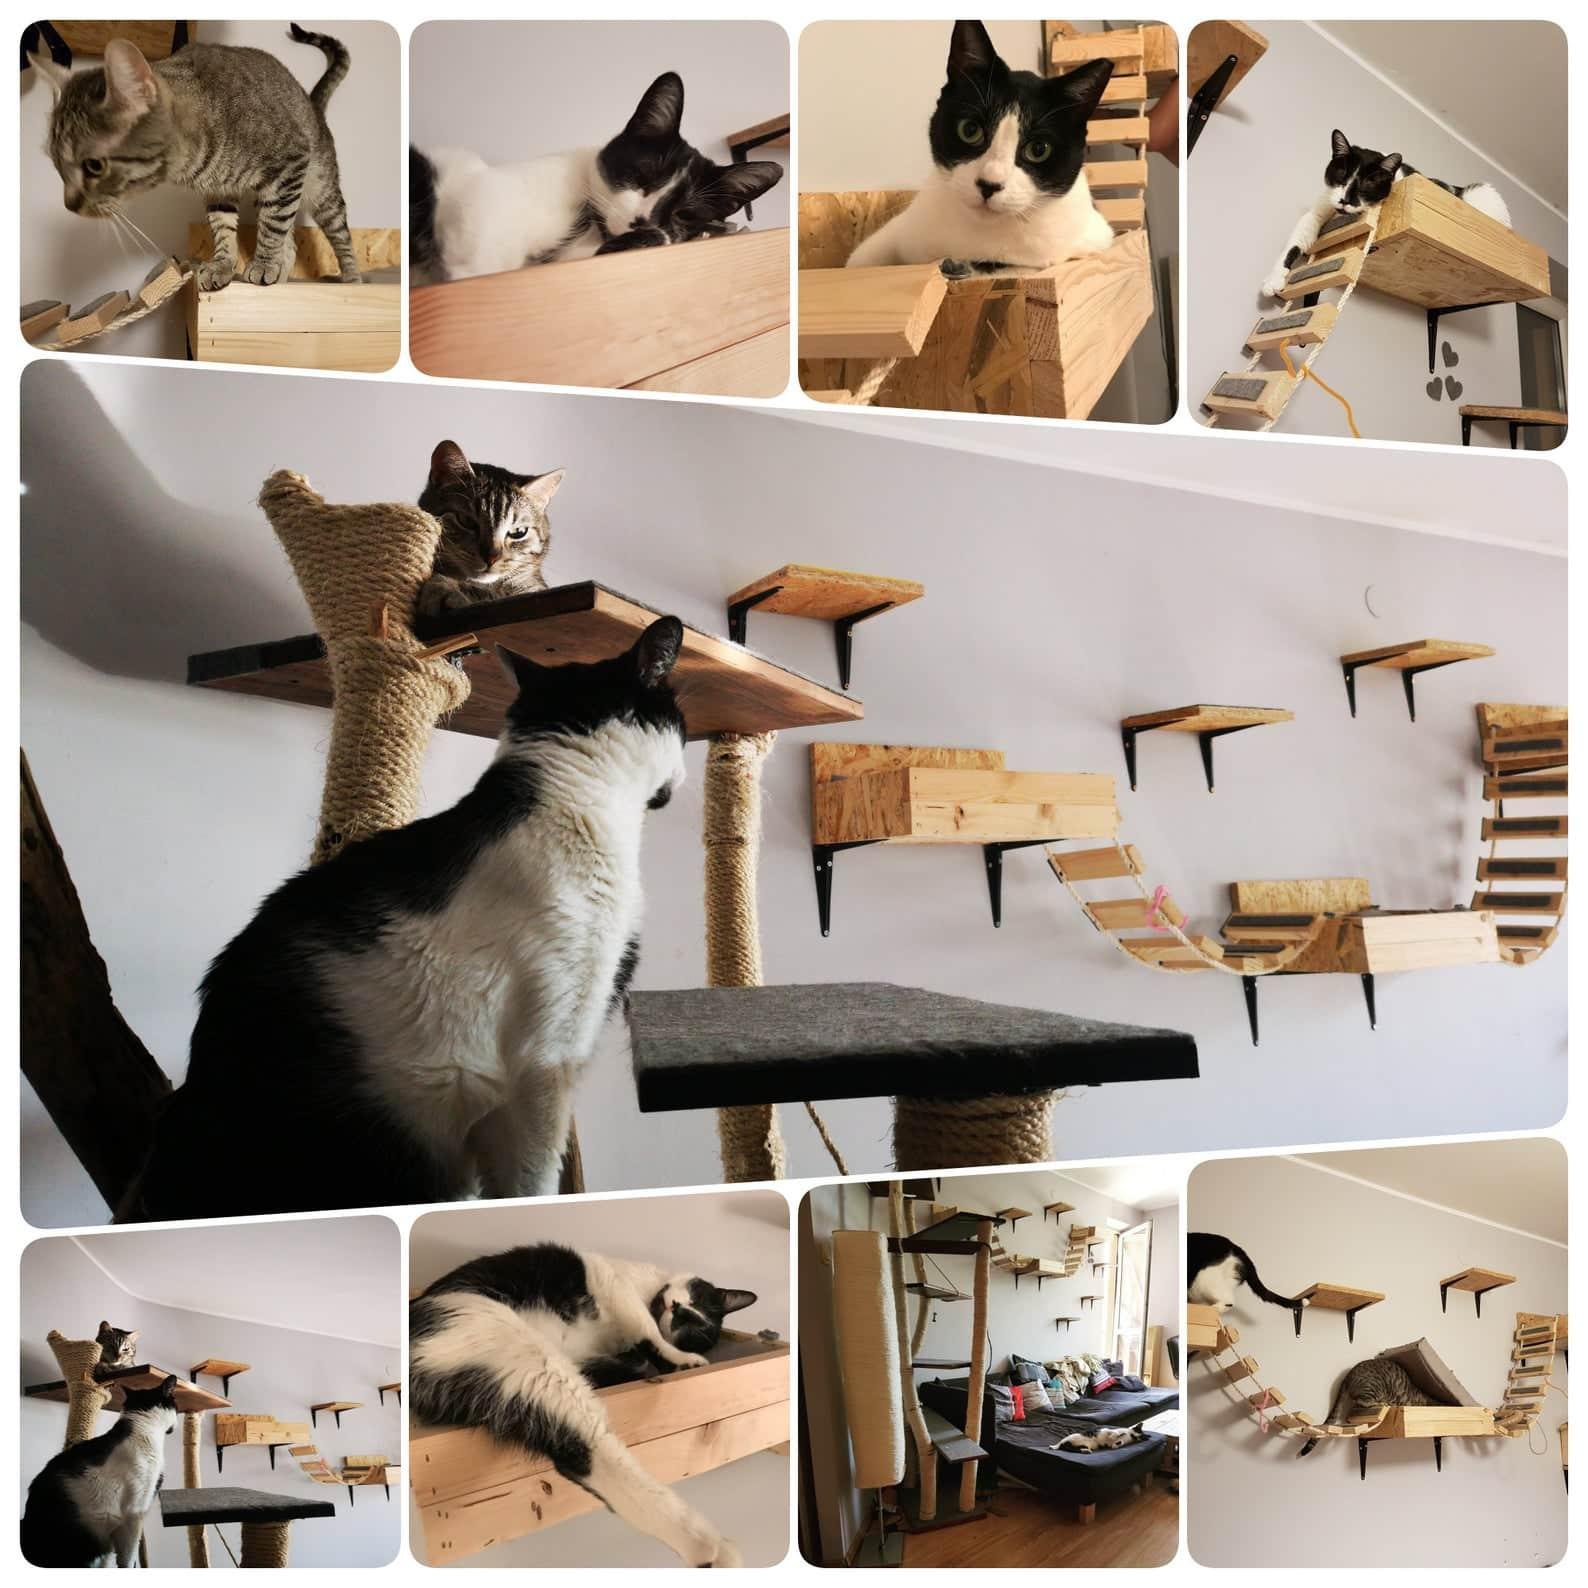 arbre a chat mural design caisson lattes